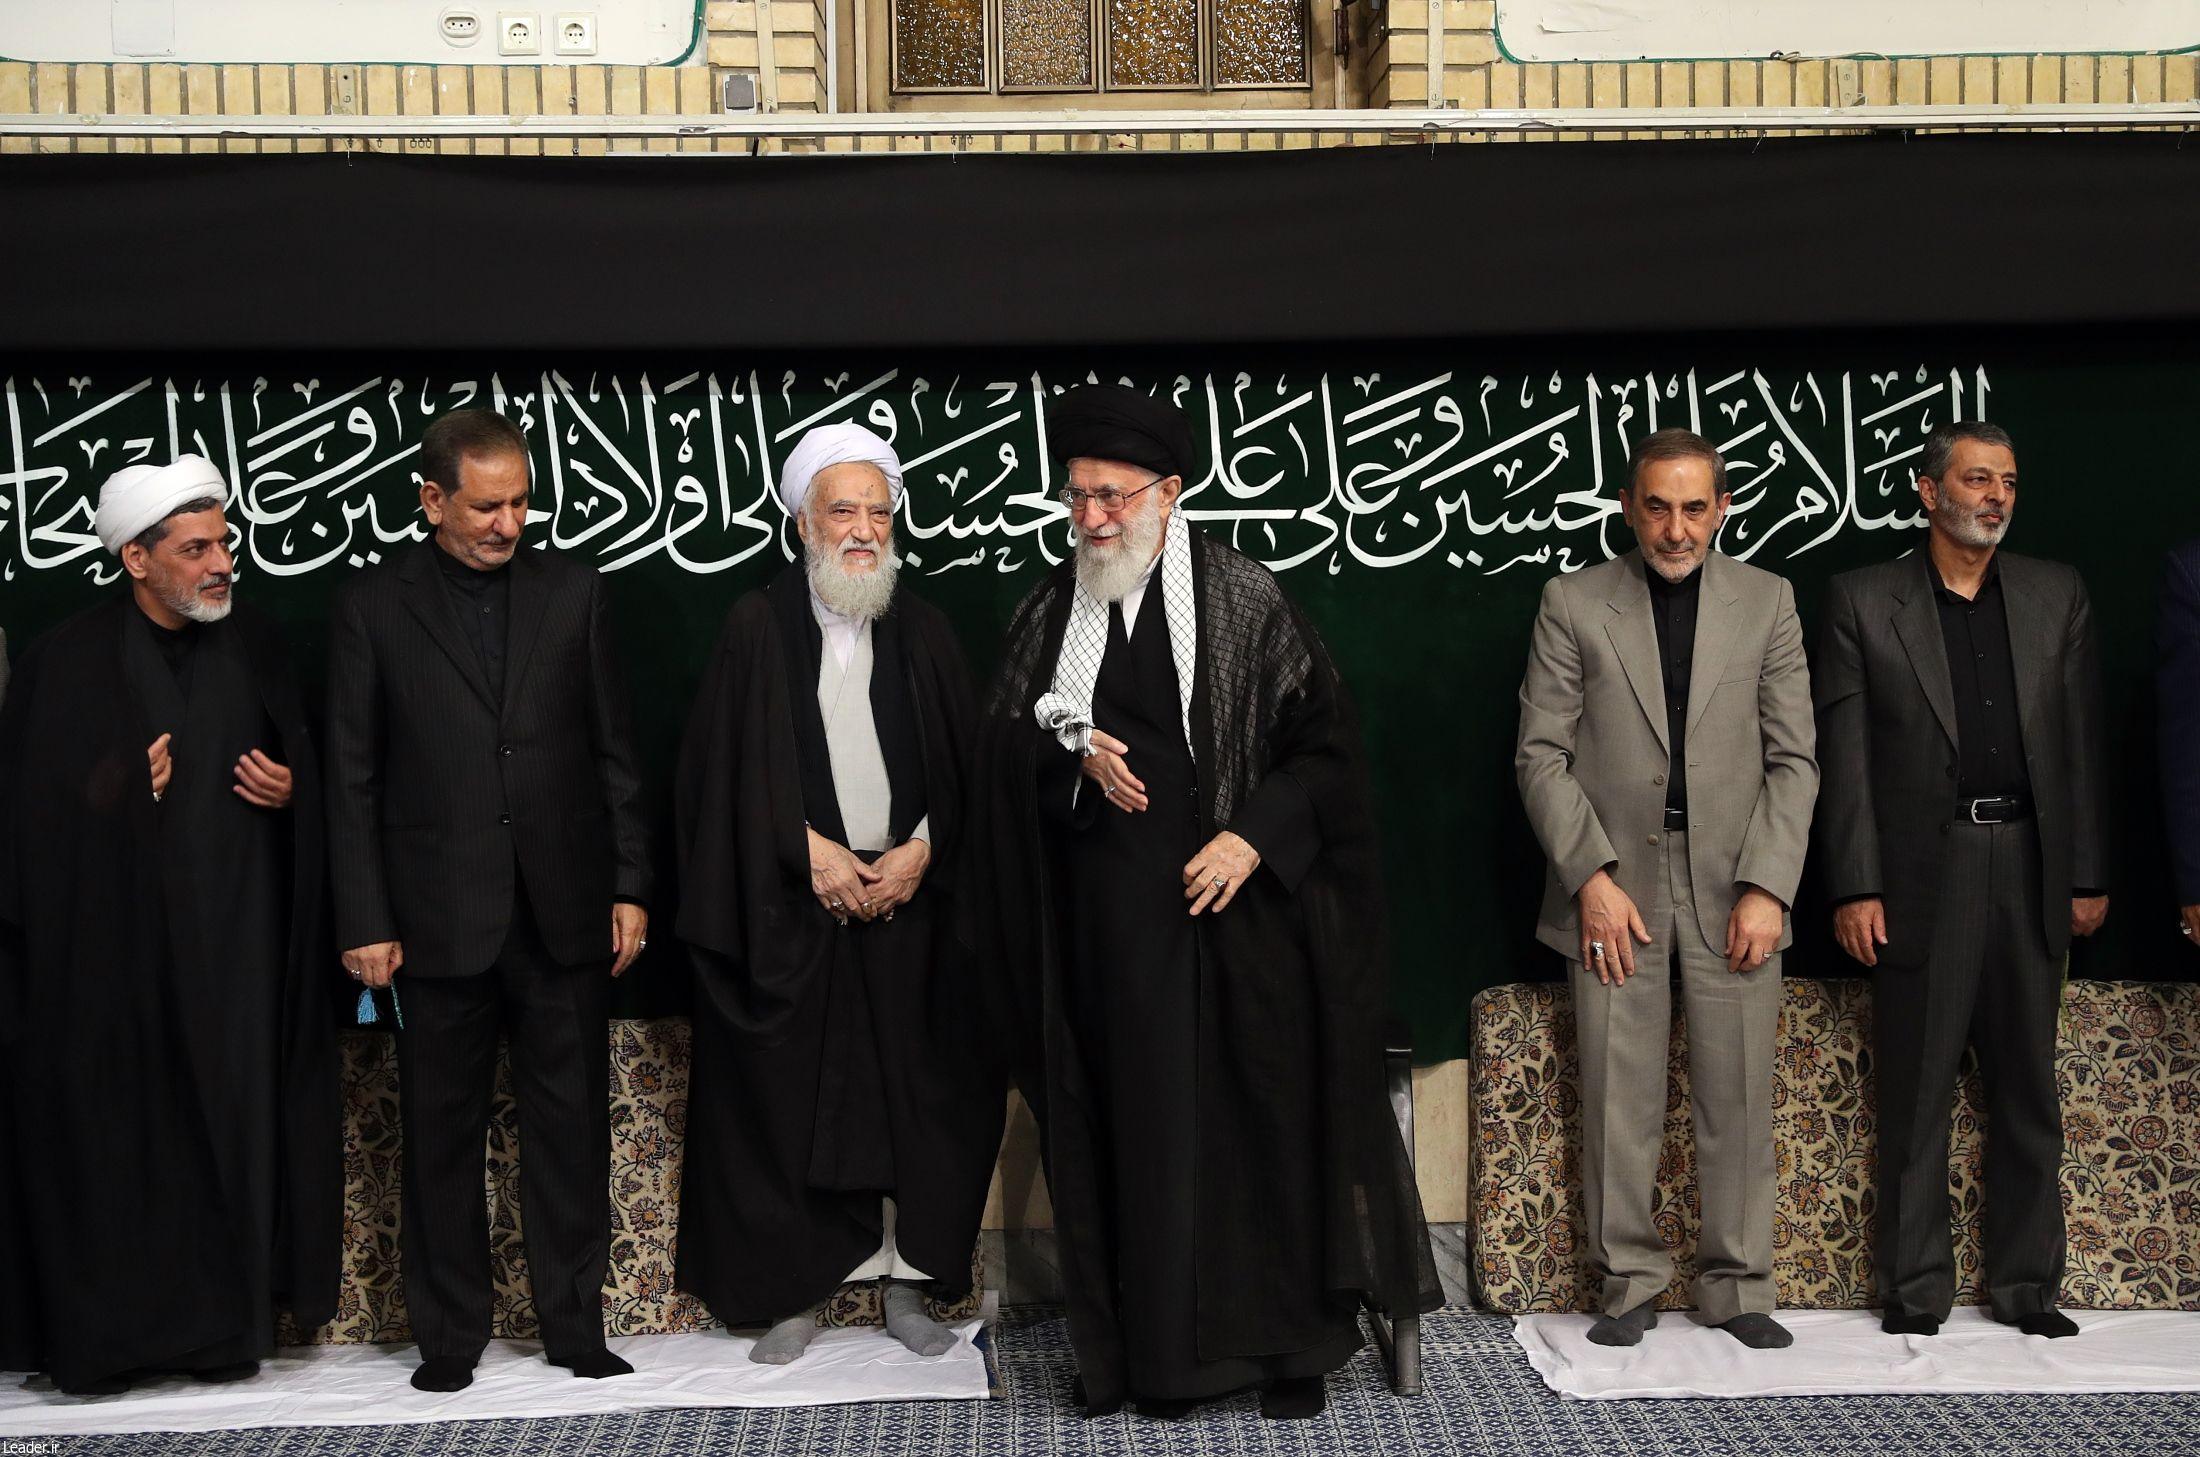 عزاداری شب تاسوعای حسینی (ع) باحضور رهبر معظم انقلاب